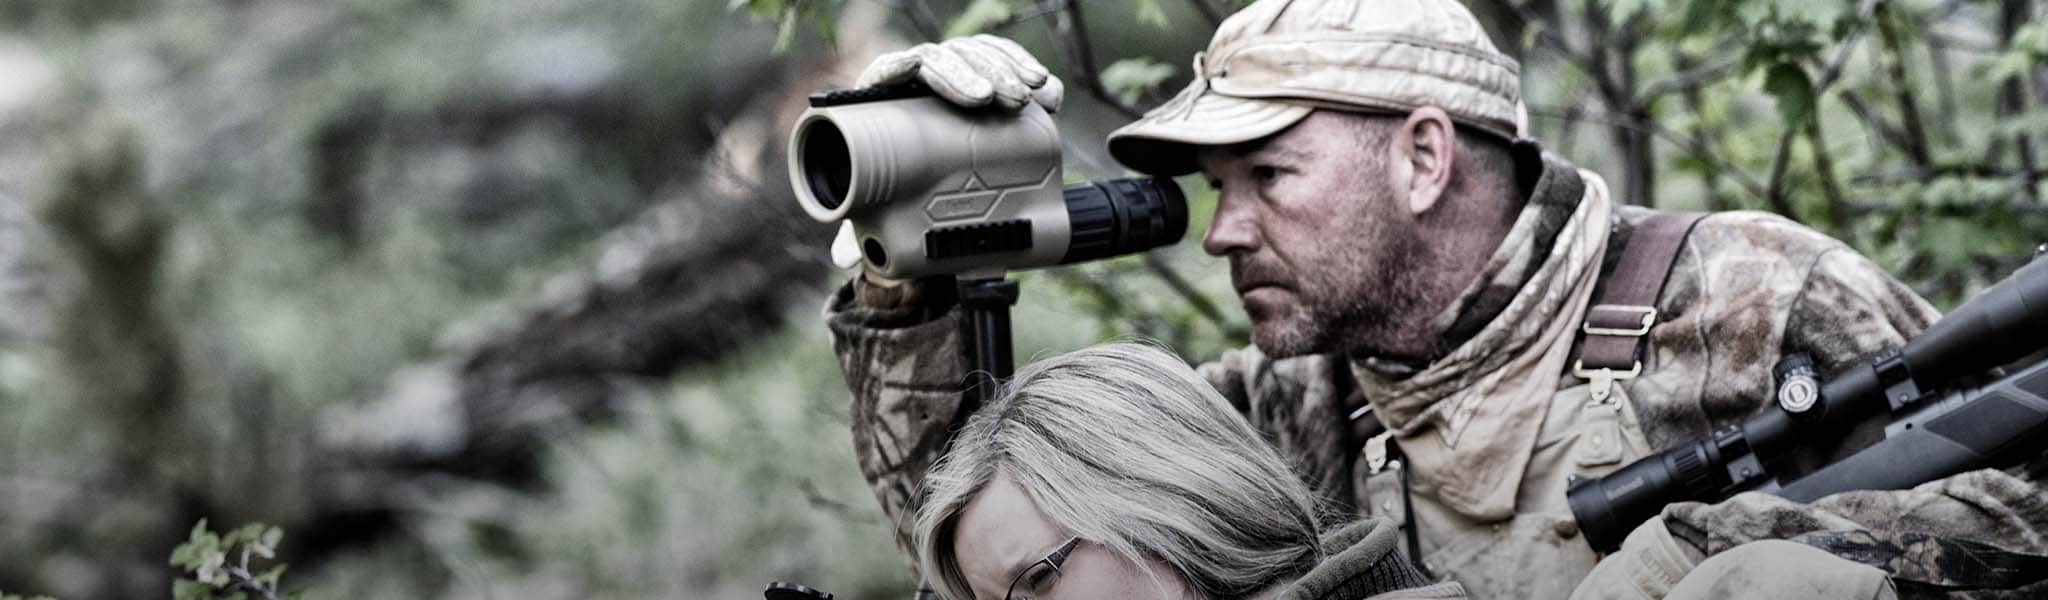 spotting scopes banner